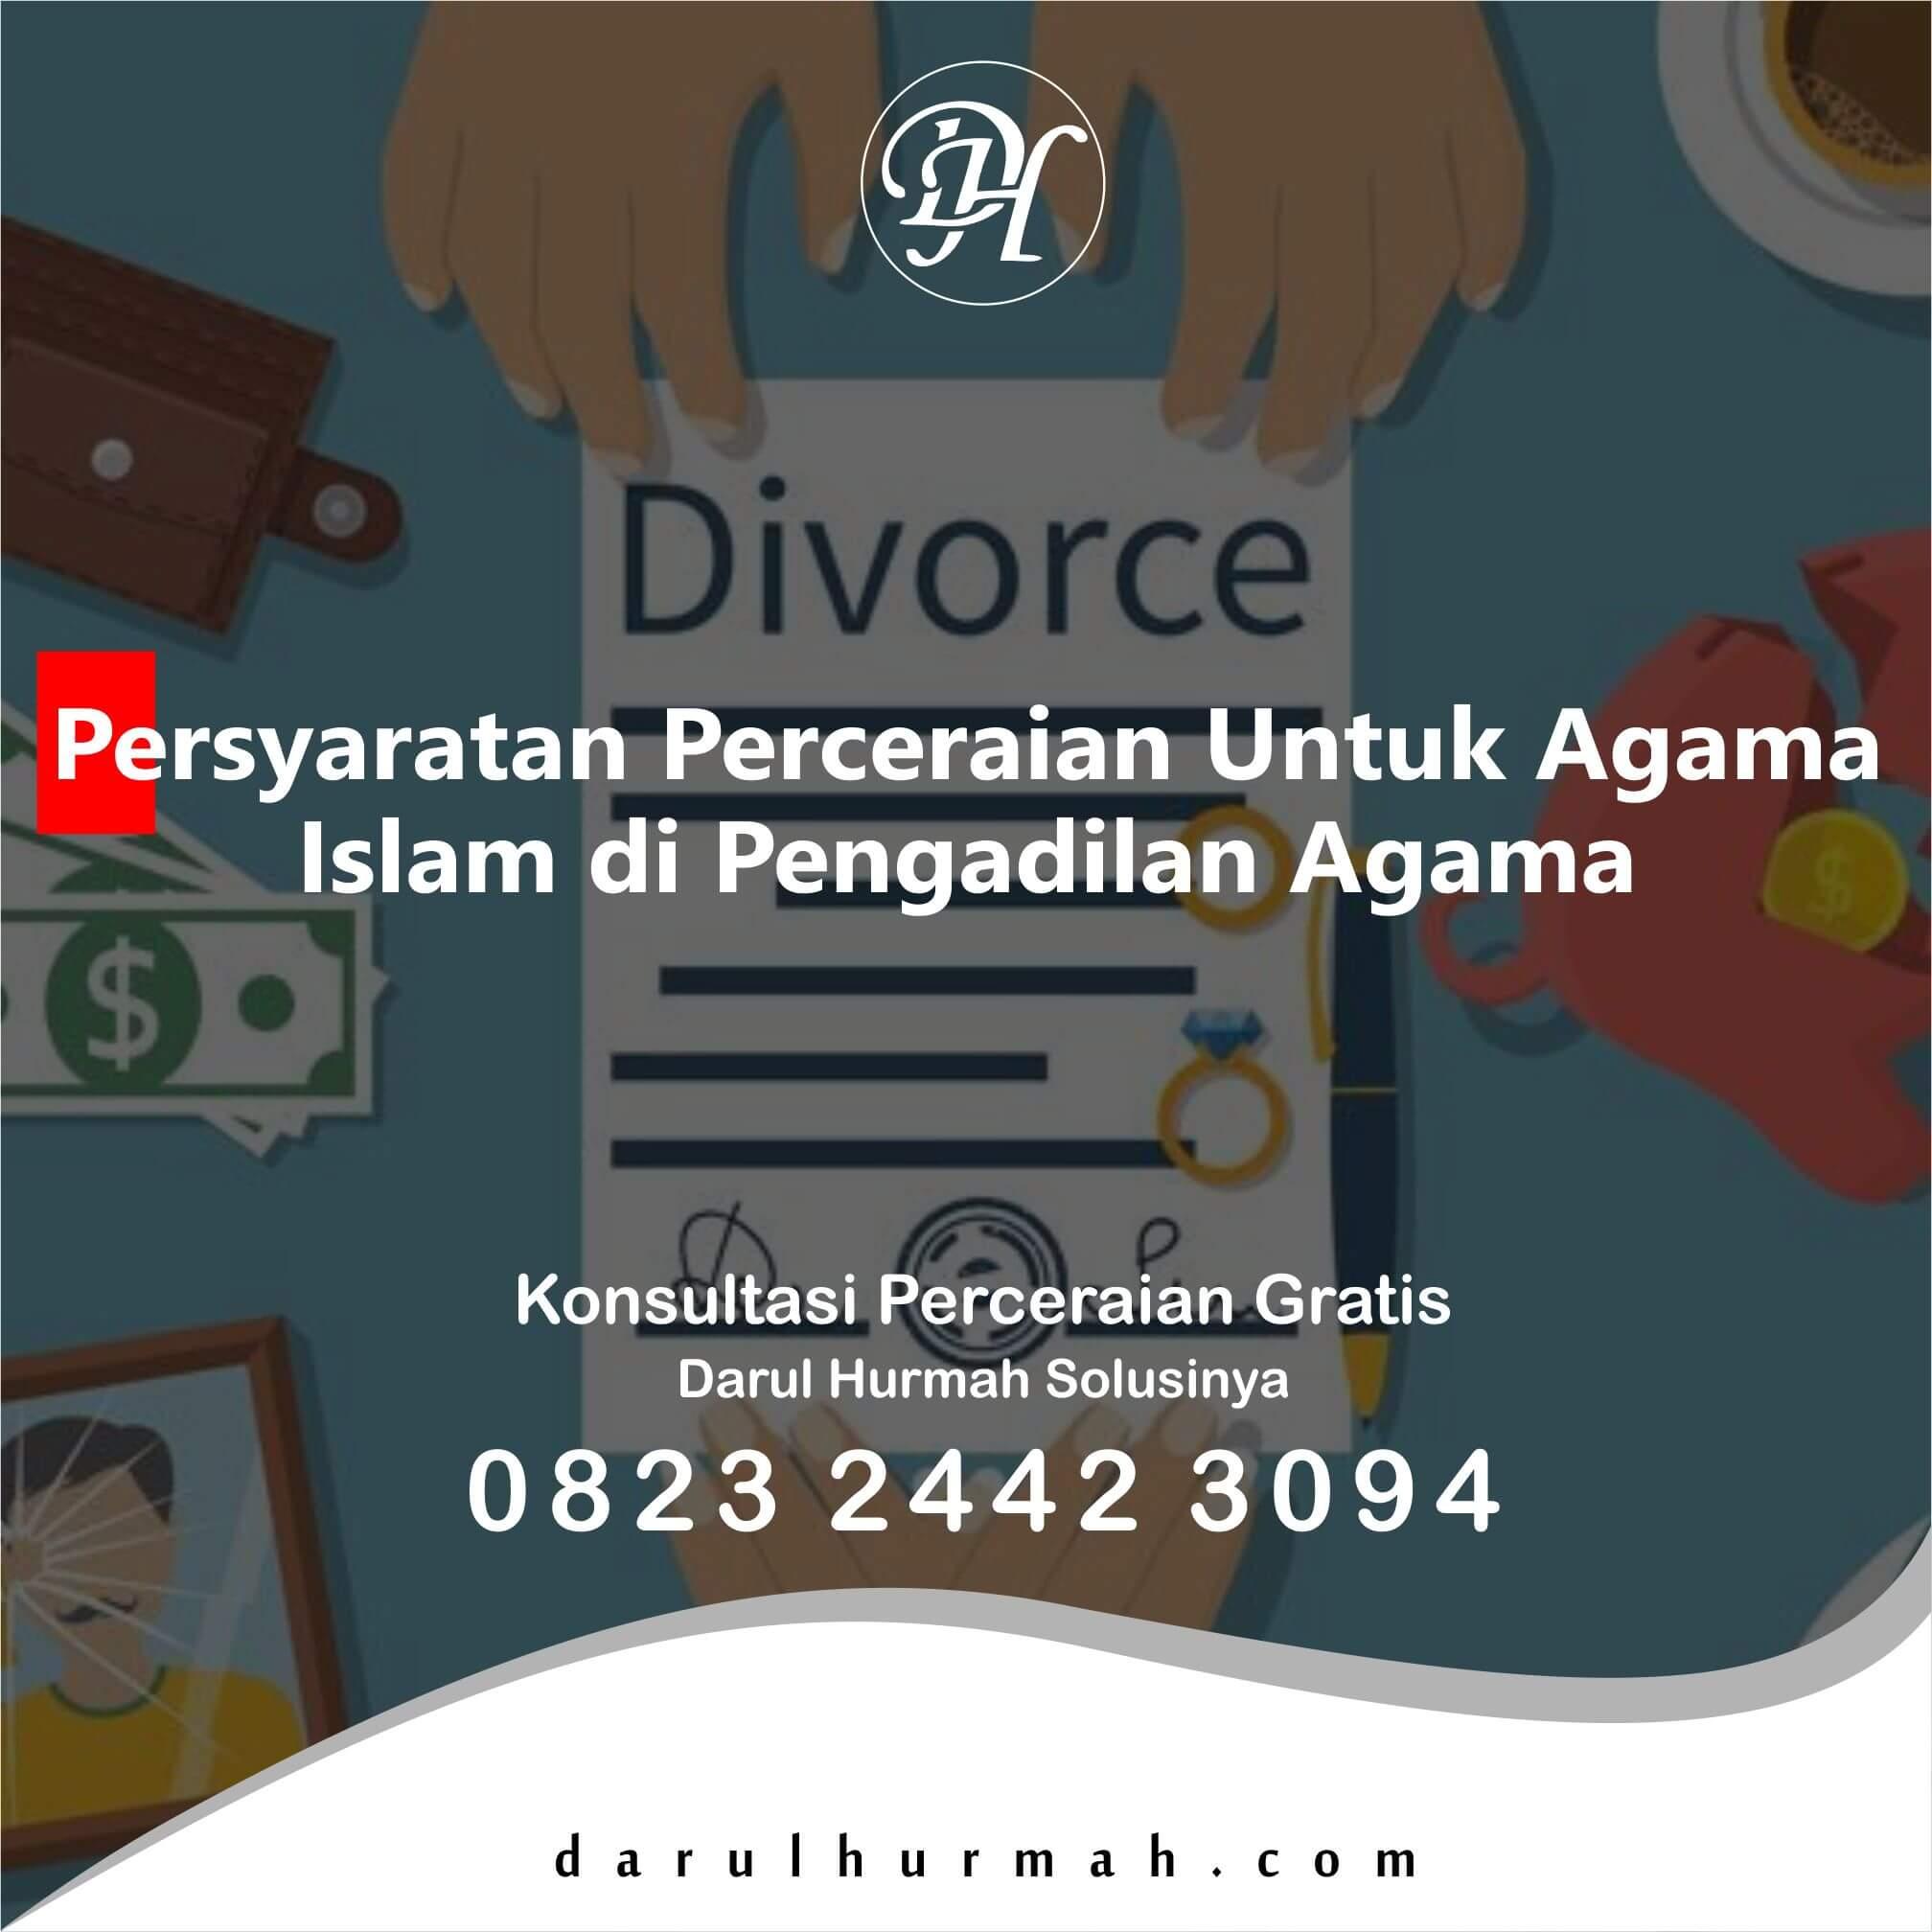 Persyaratan Perceraian Untuk Agama Islam di Pengadilan Agama